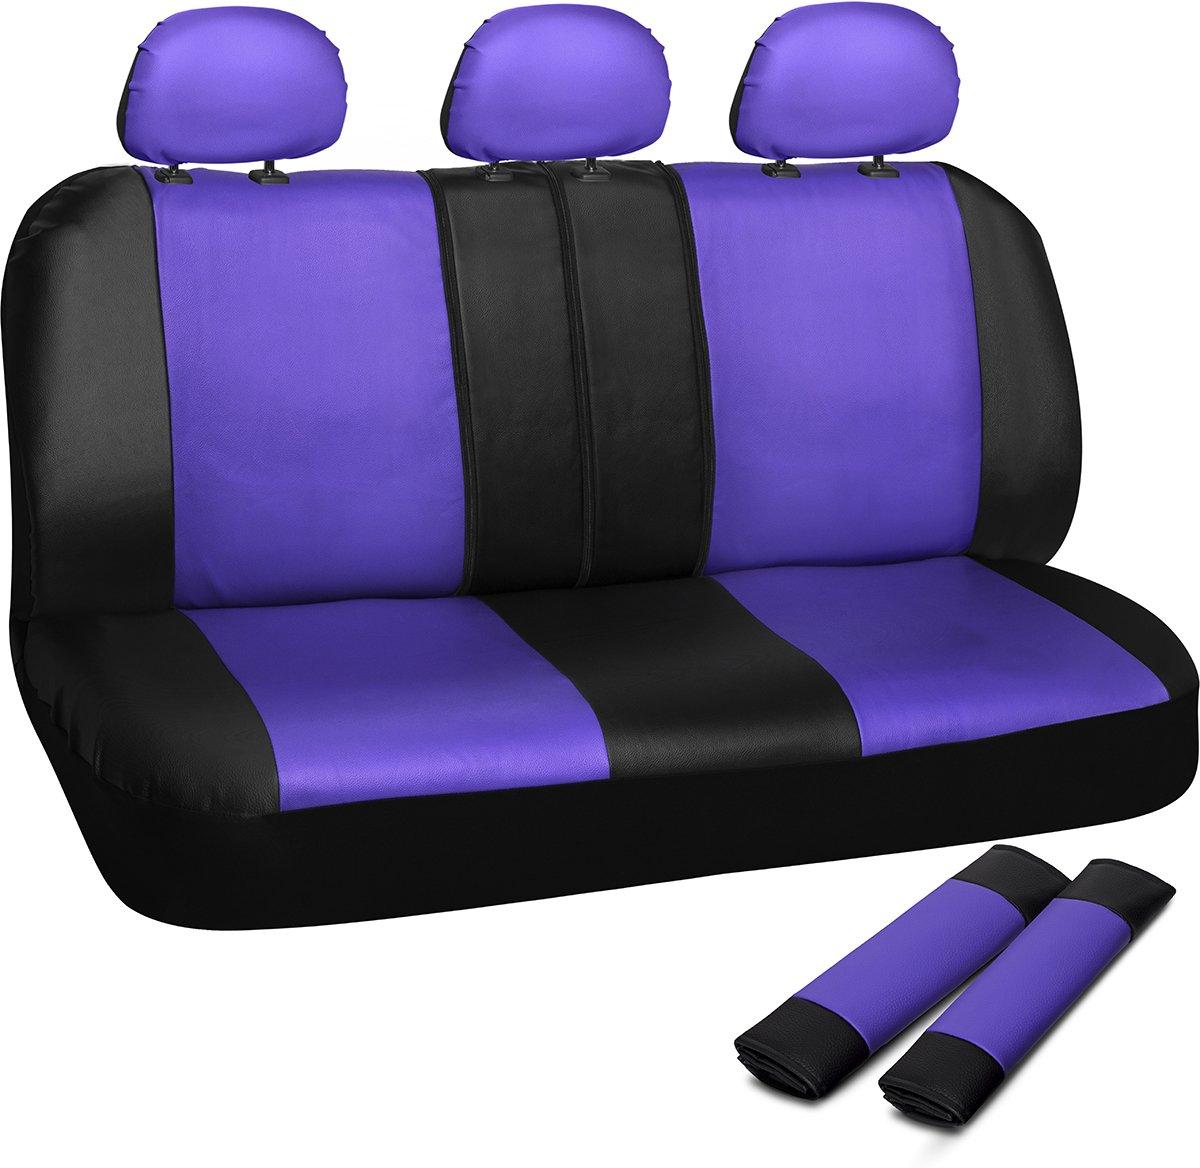 bench aquino shop online nb product purple kris set store